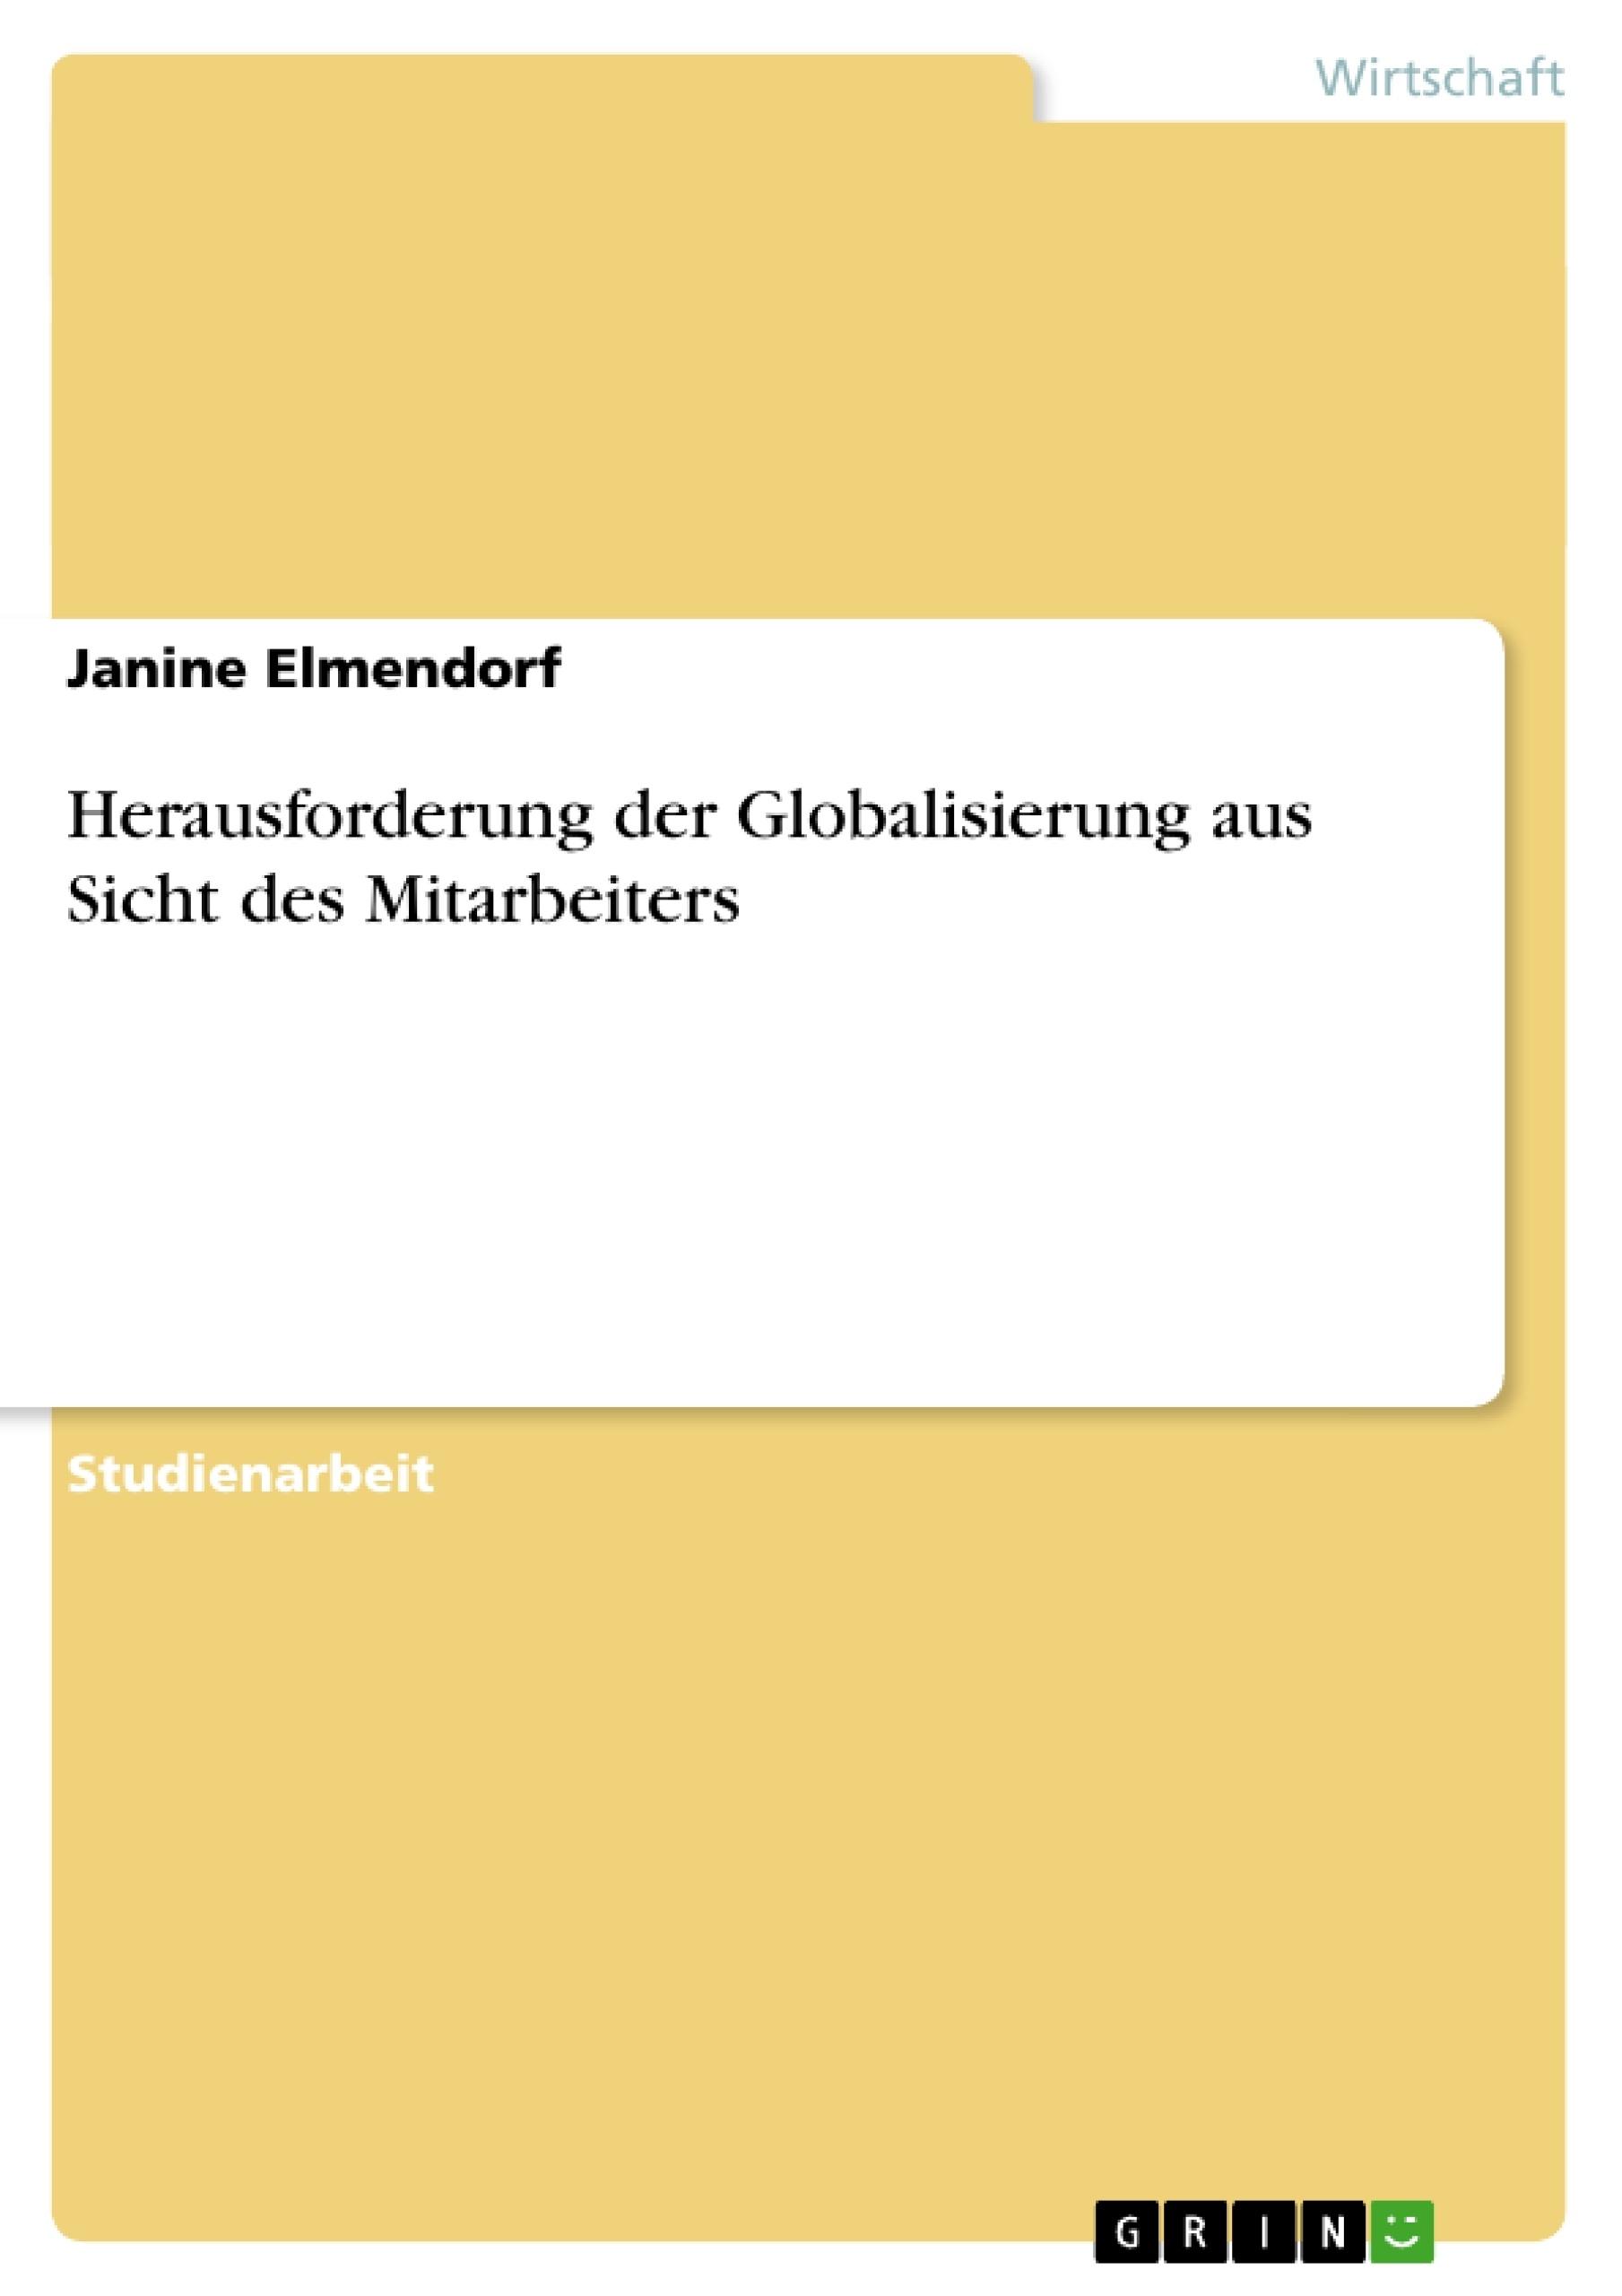 Titel: Herausforderung der Globalisierung aus Sicht des Mitarbeiters